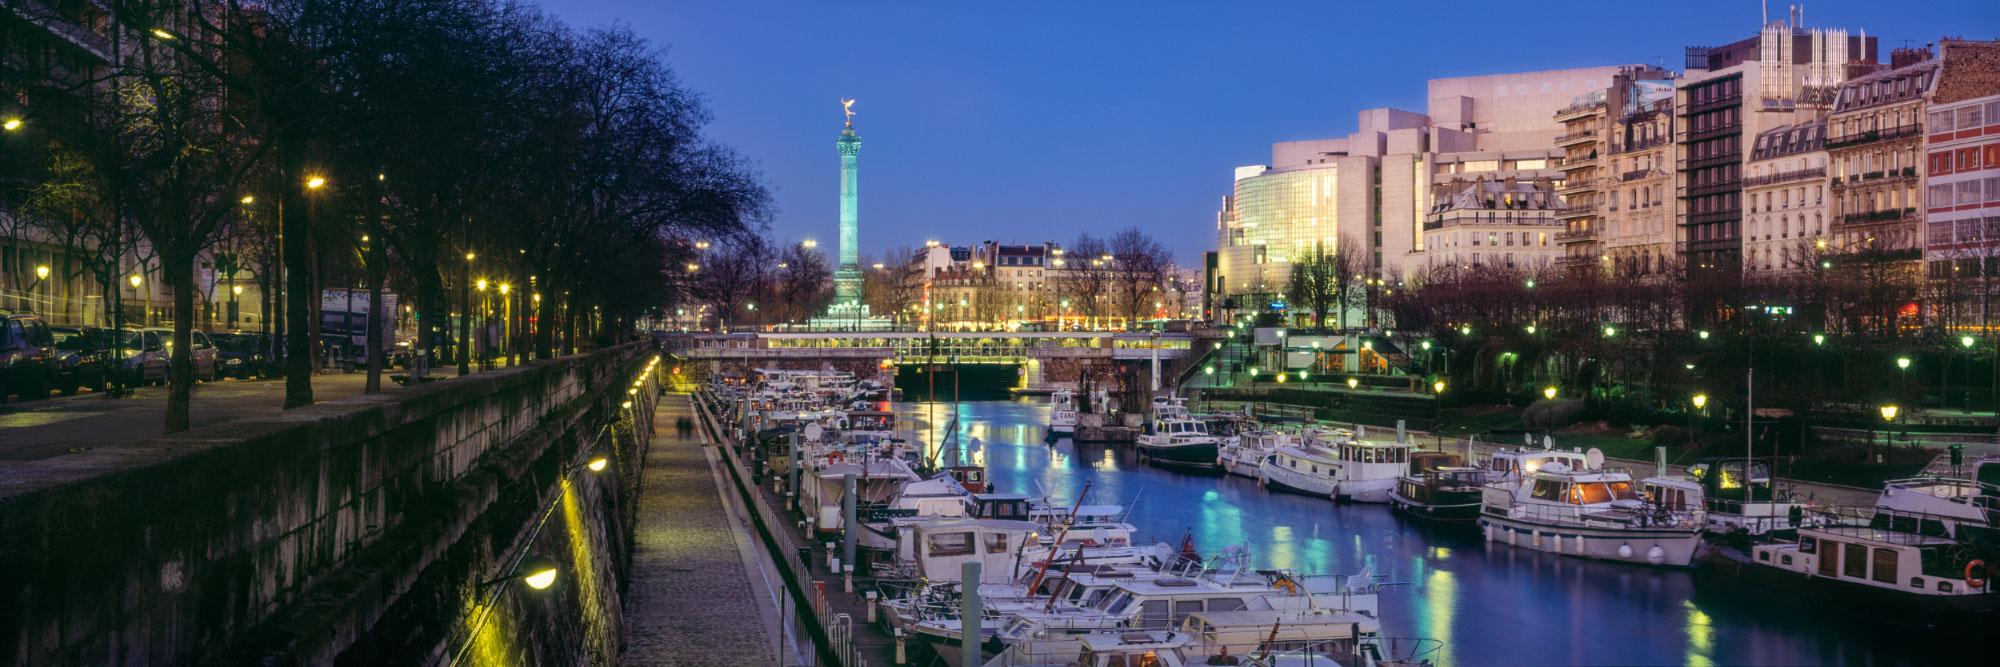 Port de l'Arsenal, Canal Saint-Martin, Opéra et Colonne de la Bastille